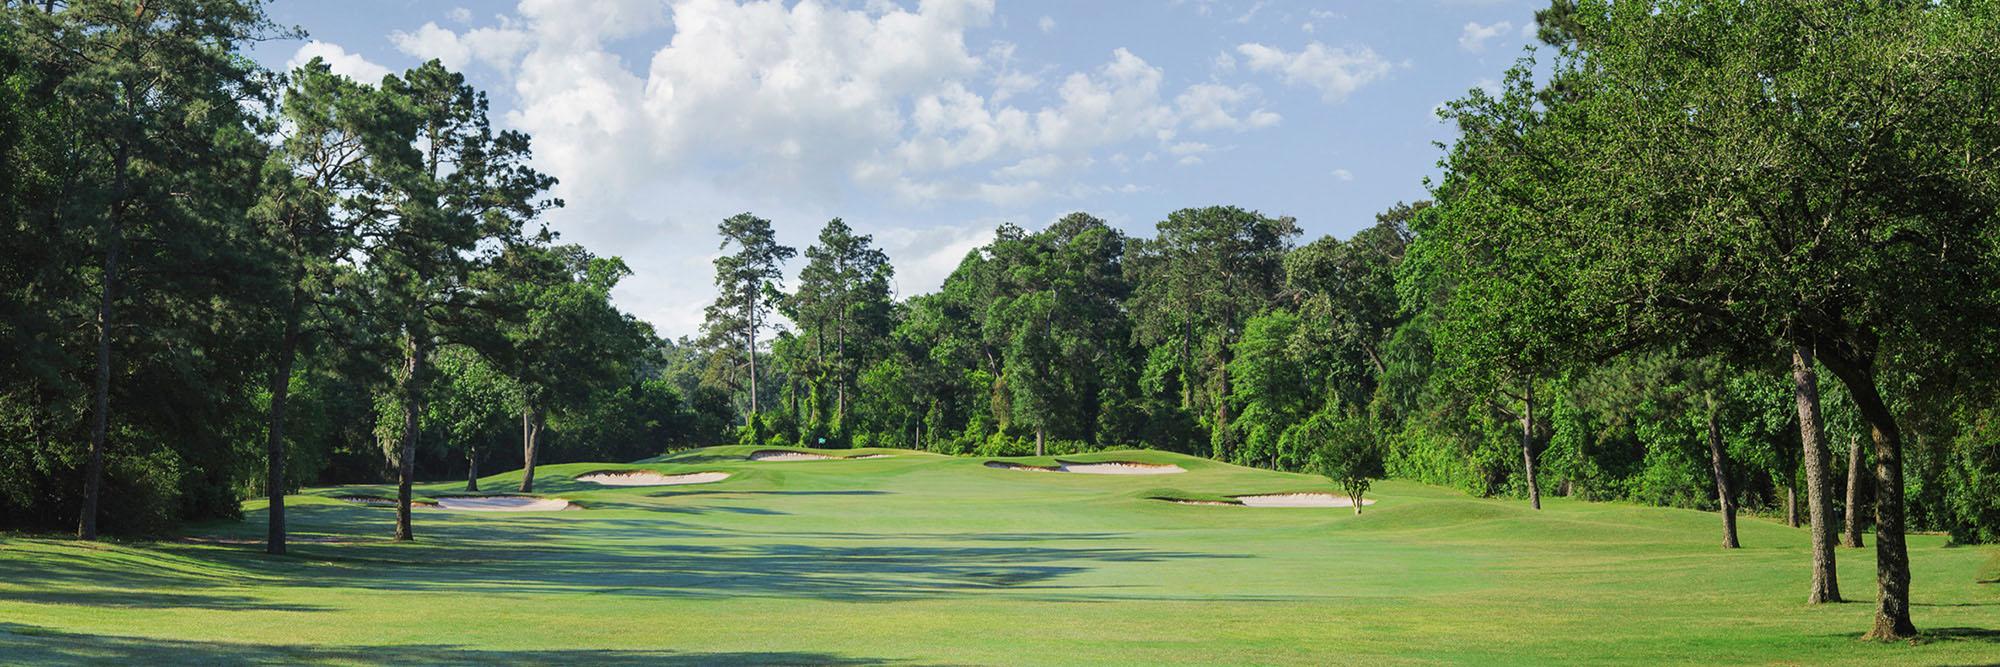 Golf Course Image - Woodlands-Oak Course No. 4